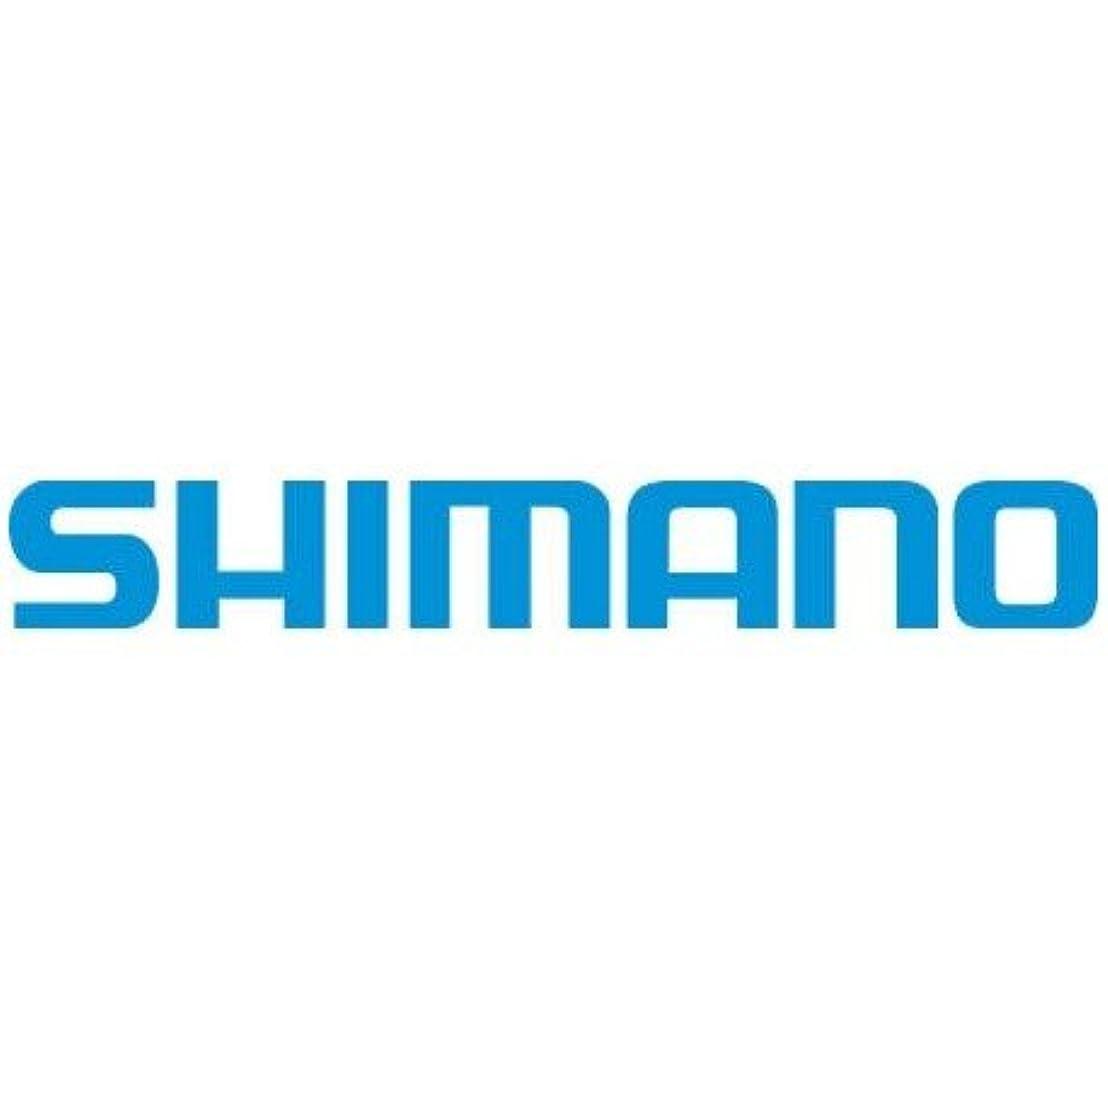 社員裁量解任SHIMANO(シマノ) チェーンガード固定ボルト 4個入り FC-M361-S FC-M361-L FC-M361-8-S FC-M361-8-L Y1KN98090